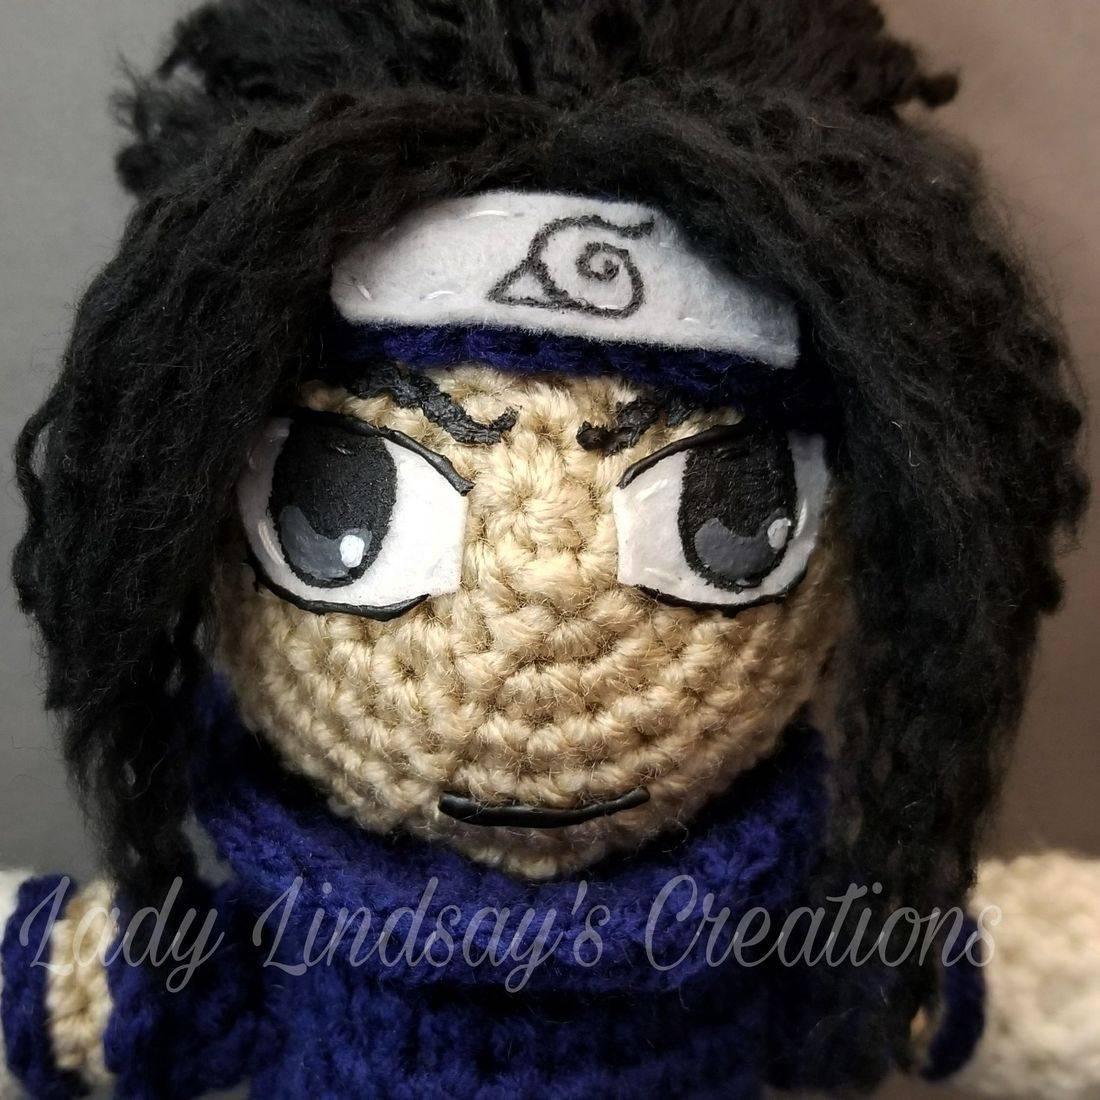 Sasuke, Sasuke Uchiha, Naruto, Naruto Shippuden, Boruto, anime, amigurumi, plush, doll, crochet, handmade, nerd, geek